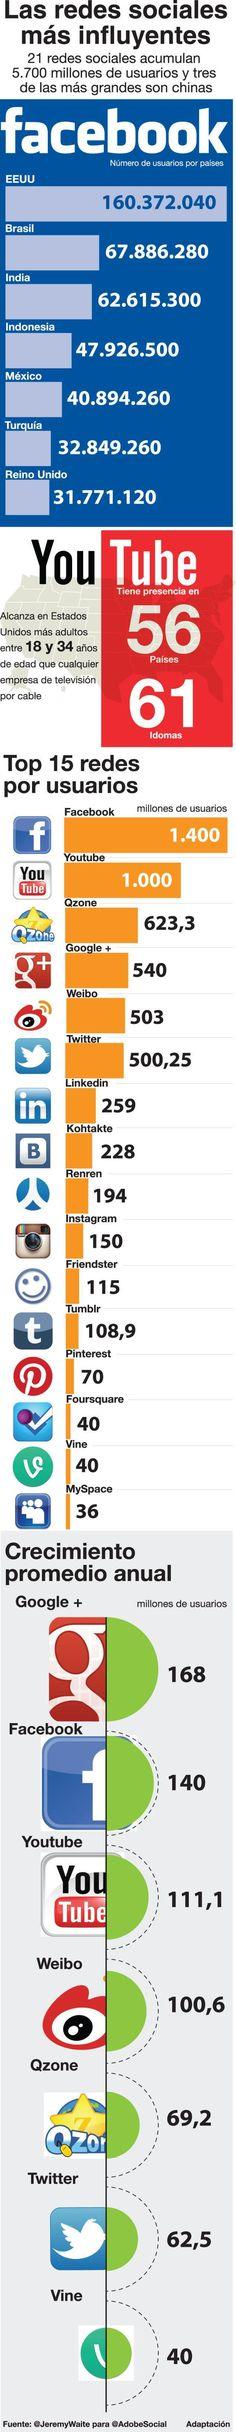 Las #RedesSociales más influyentes 2014 por @Annette Nokesámbulo (Juanan)